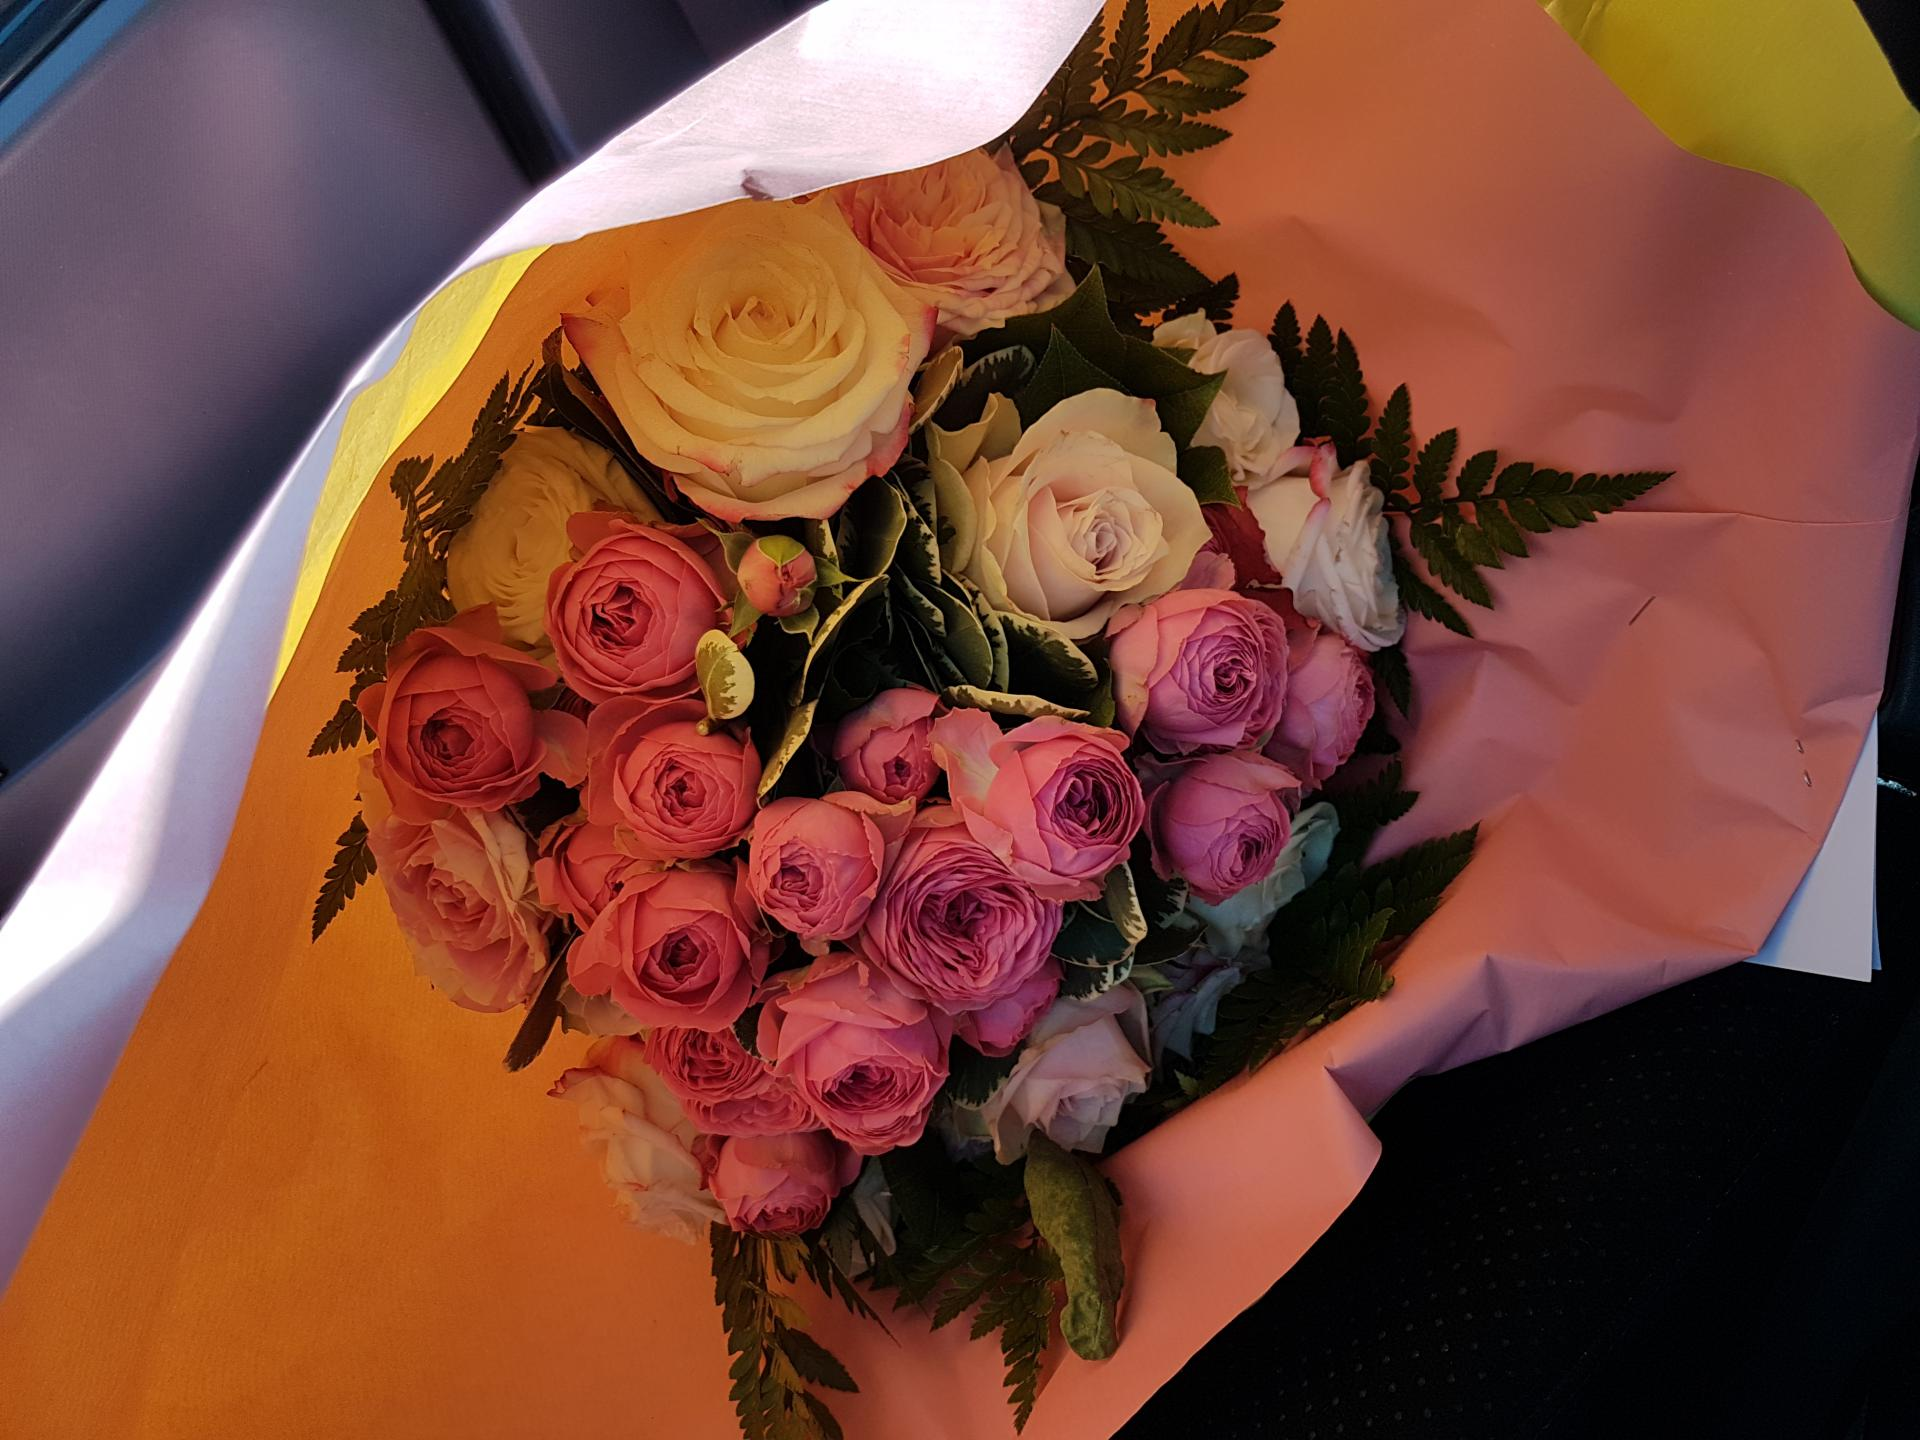 Bouquet commande à distance et livraison gratuitesur Valenciennes fleuriste Hé fleur et moi